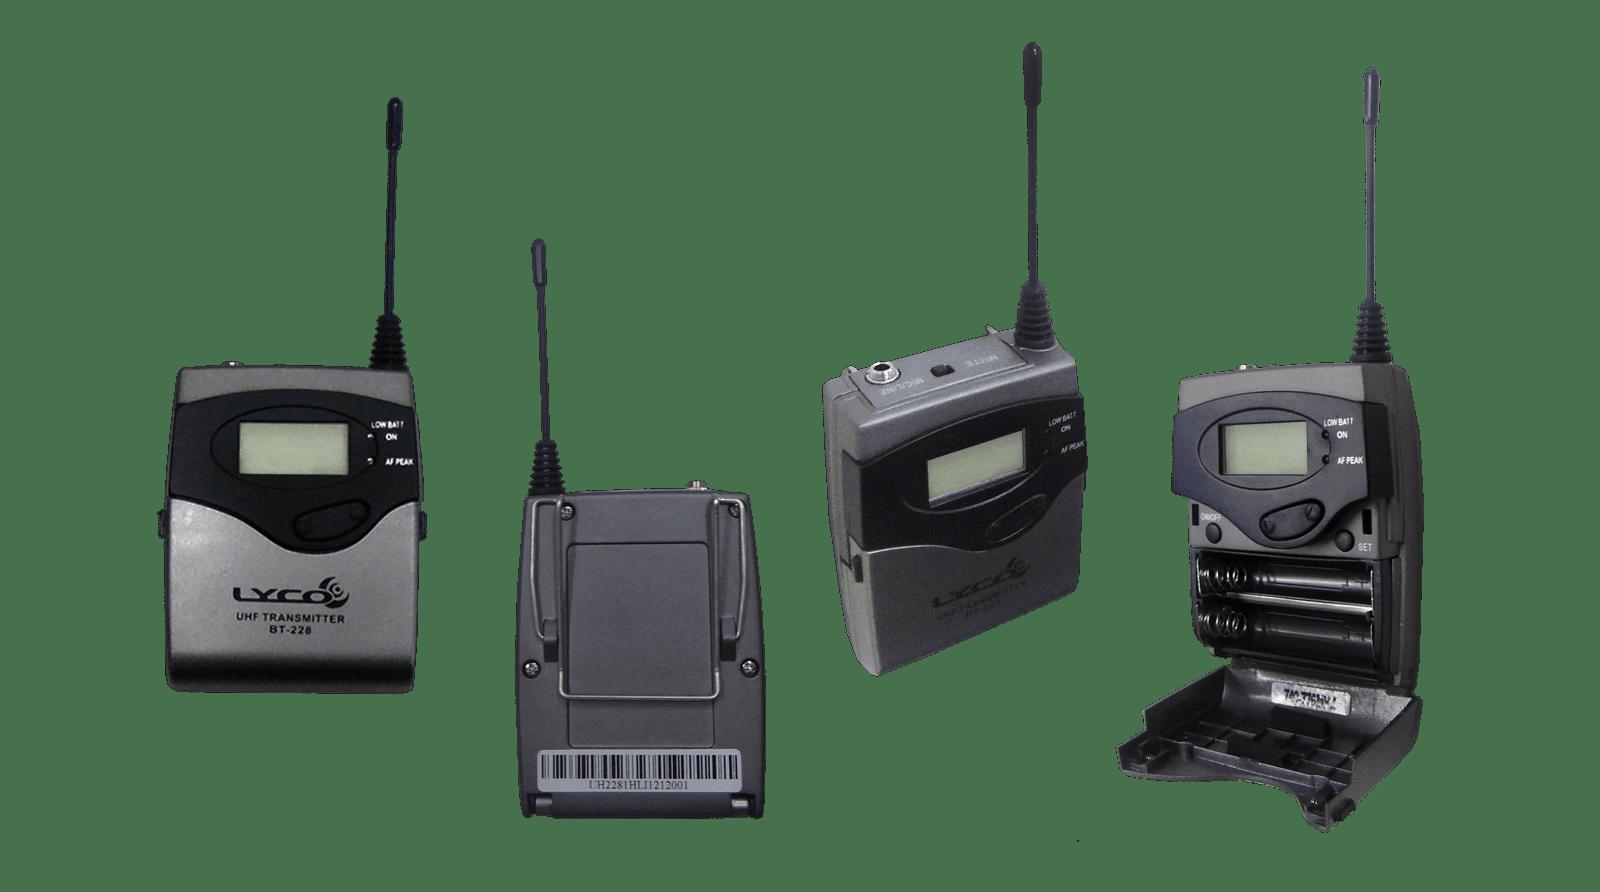 Microfone Lyco Uh228.1h Uhf 1441 Freq.digi.s/fio Cabeça 2 A